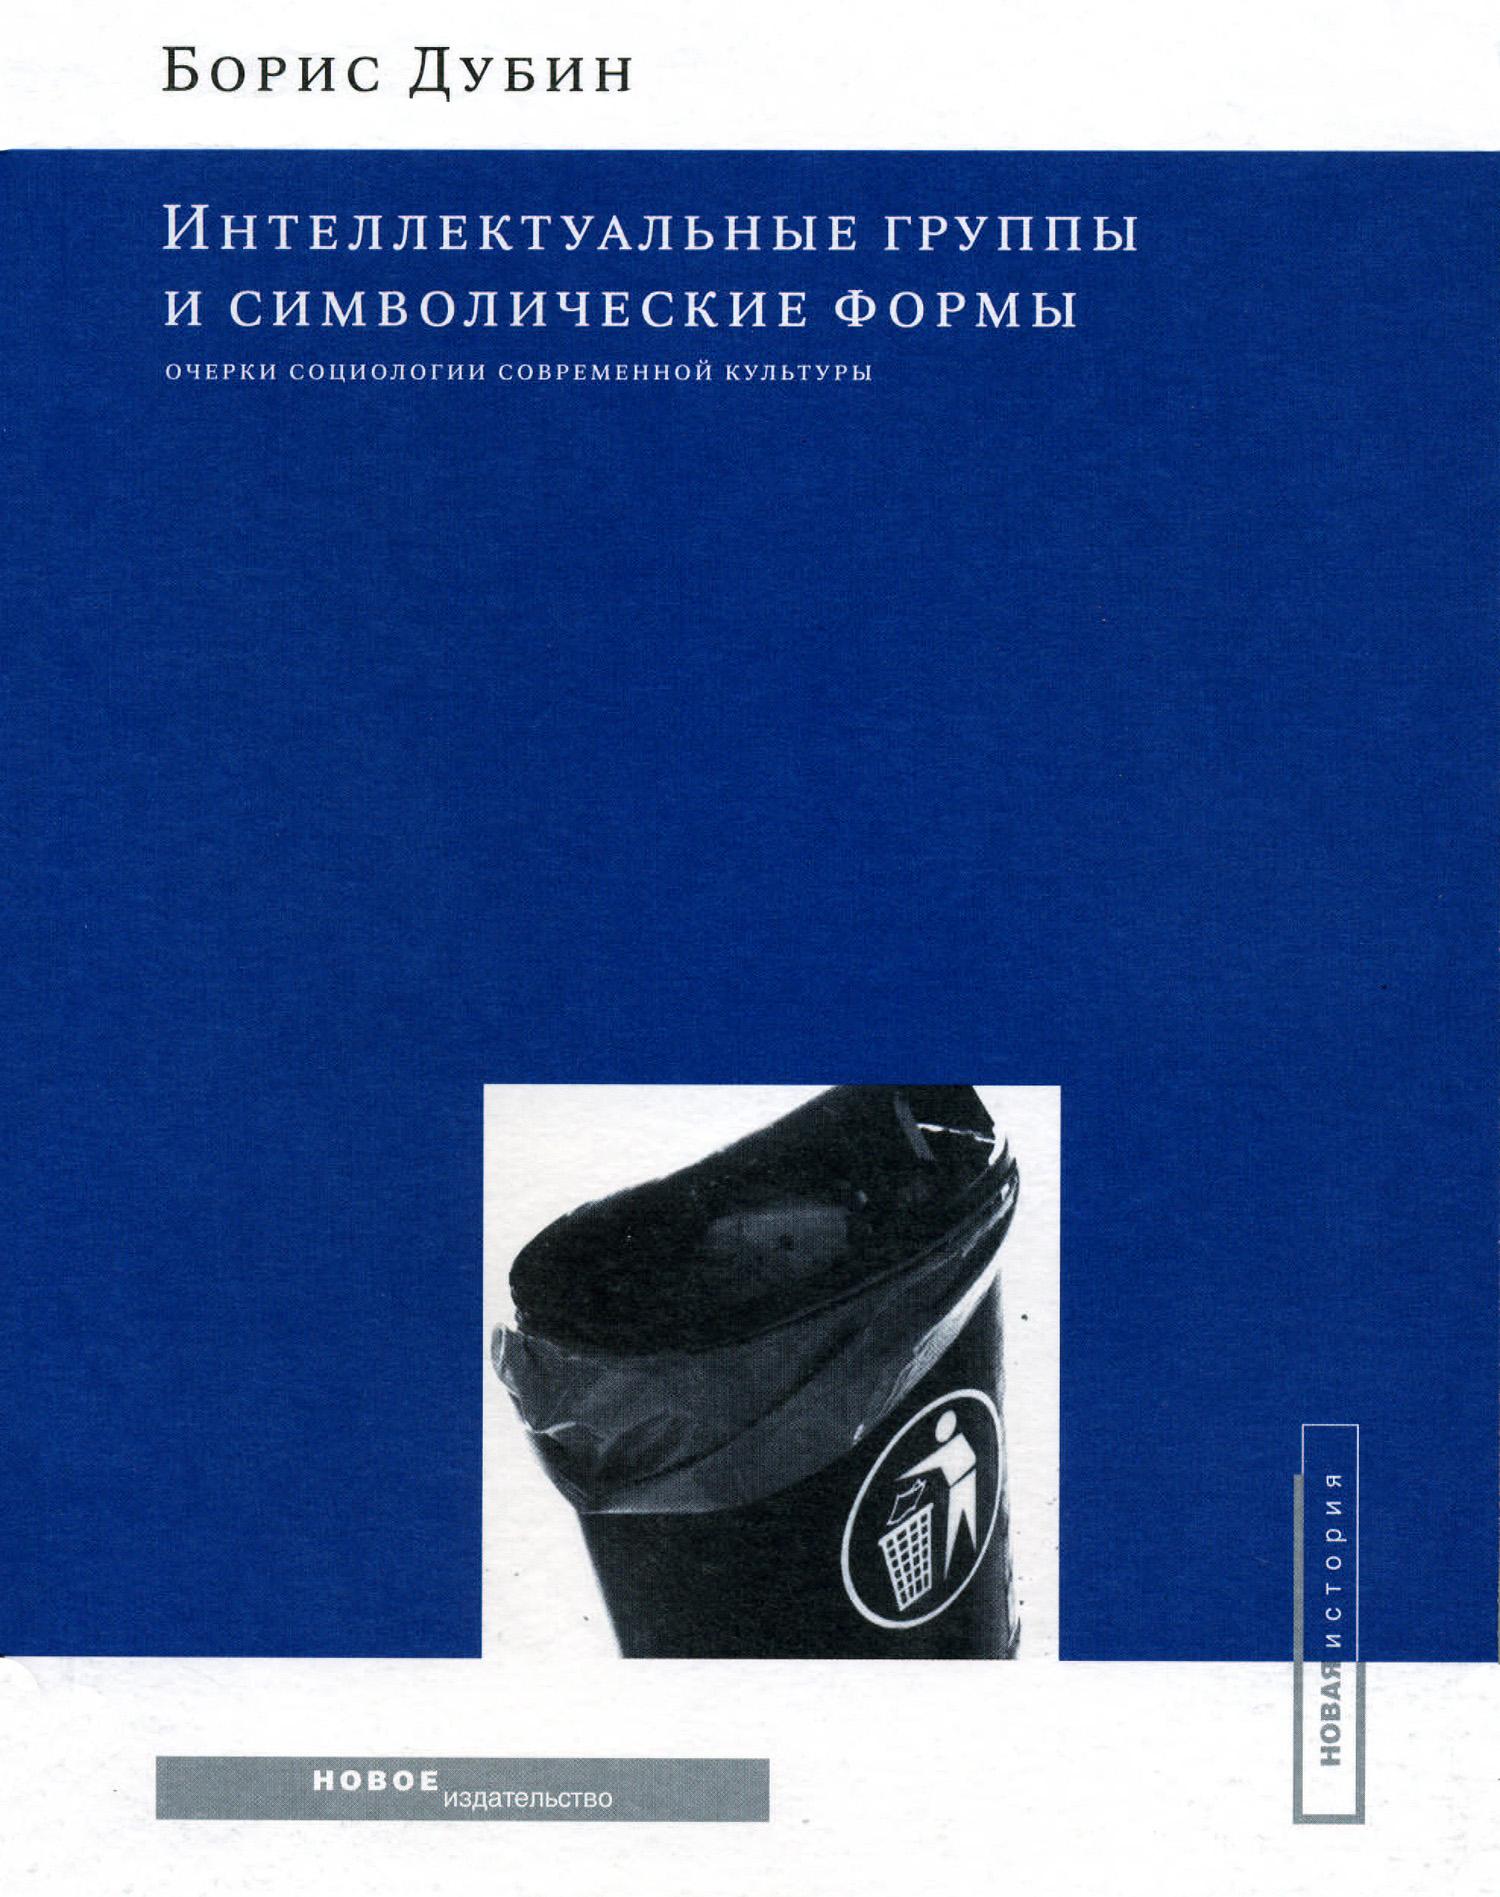 Борис Дубин Интеллектуальные группы и символические формы. Очерки социологии современной культуры